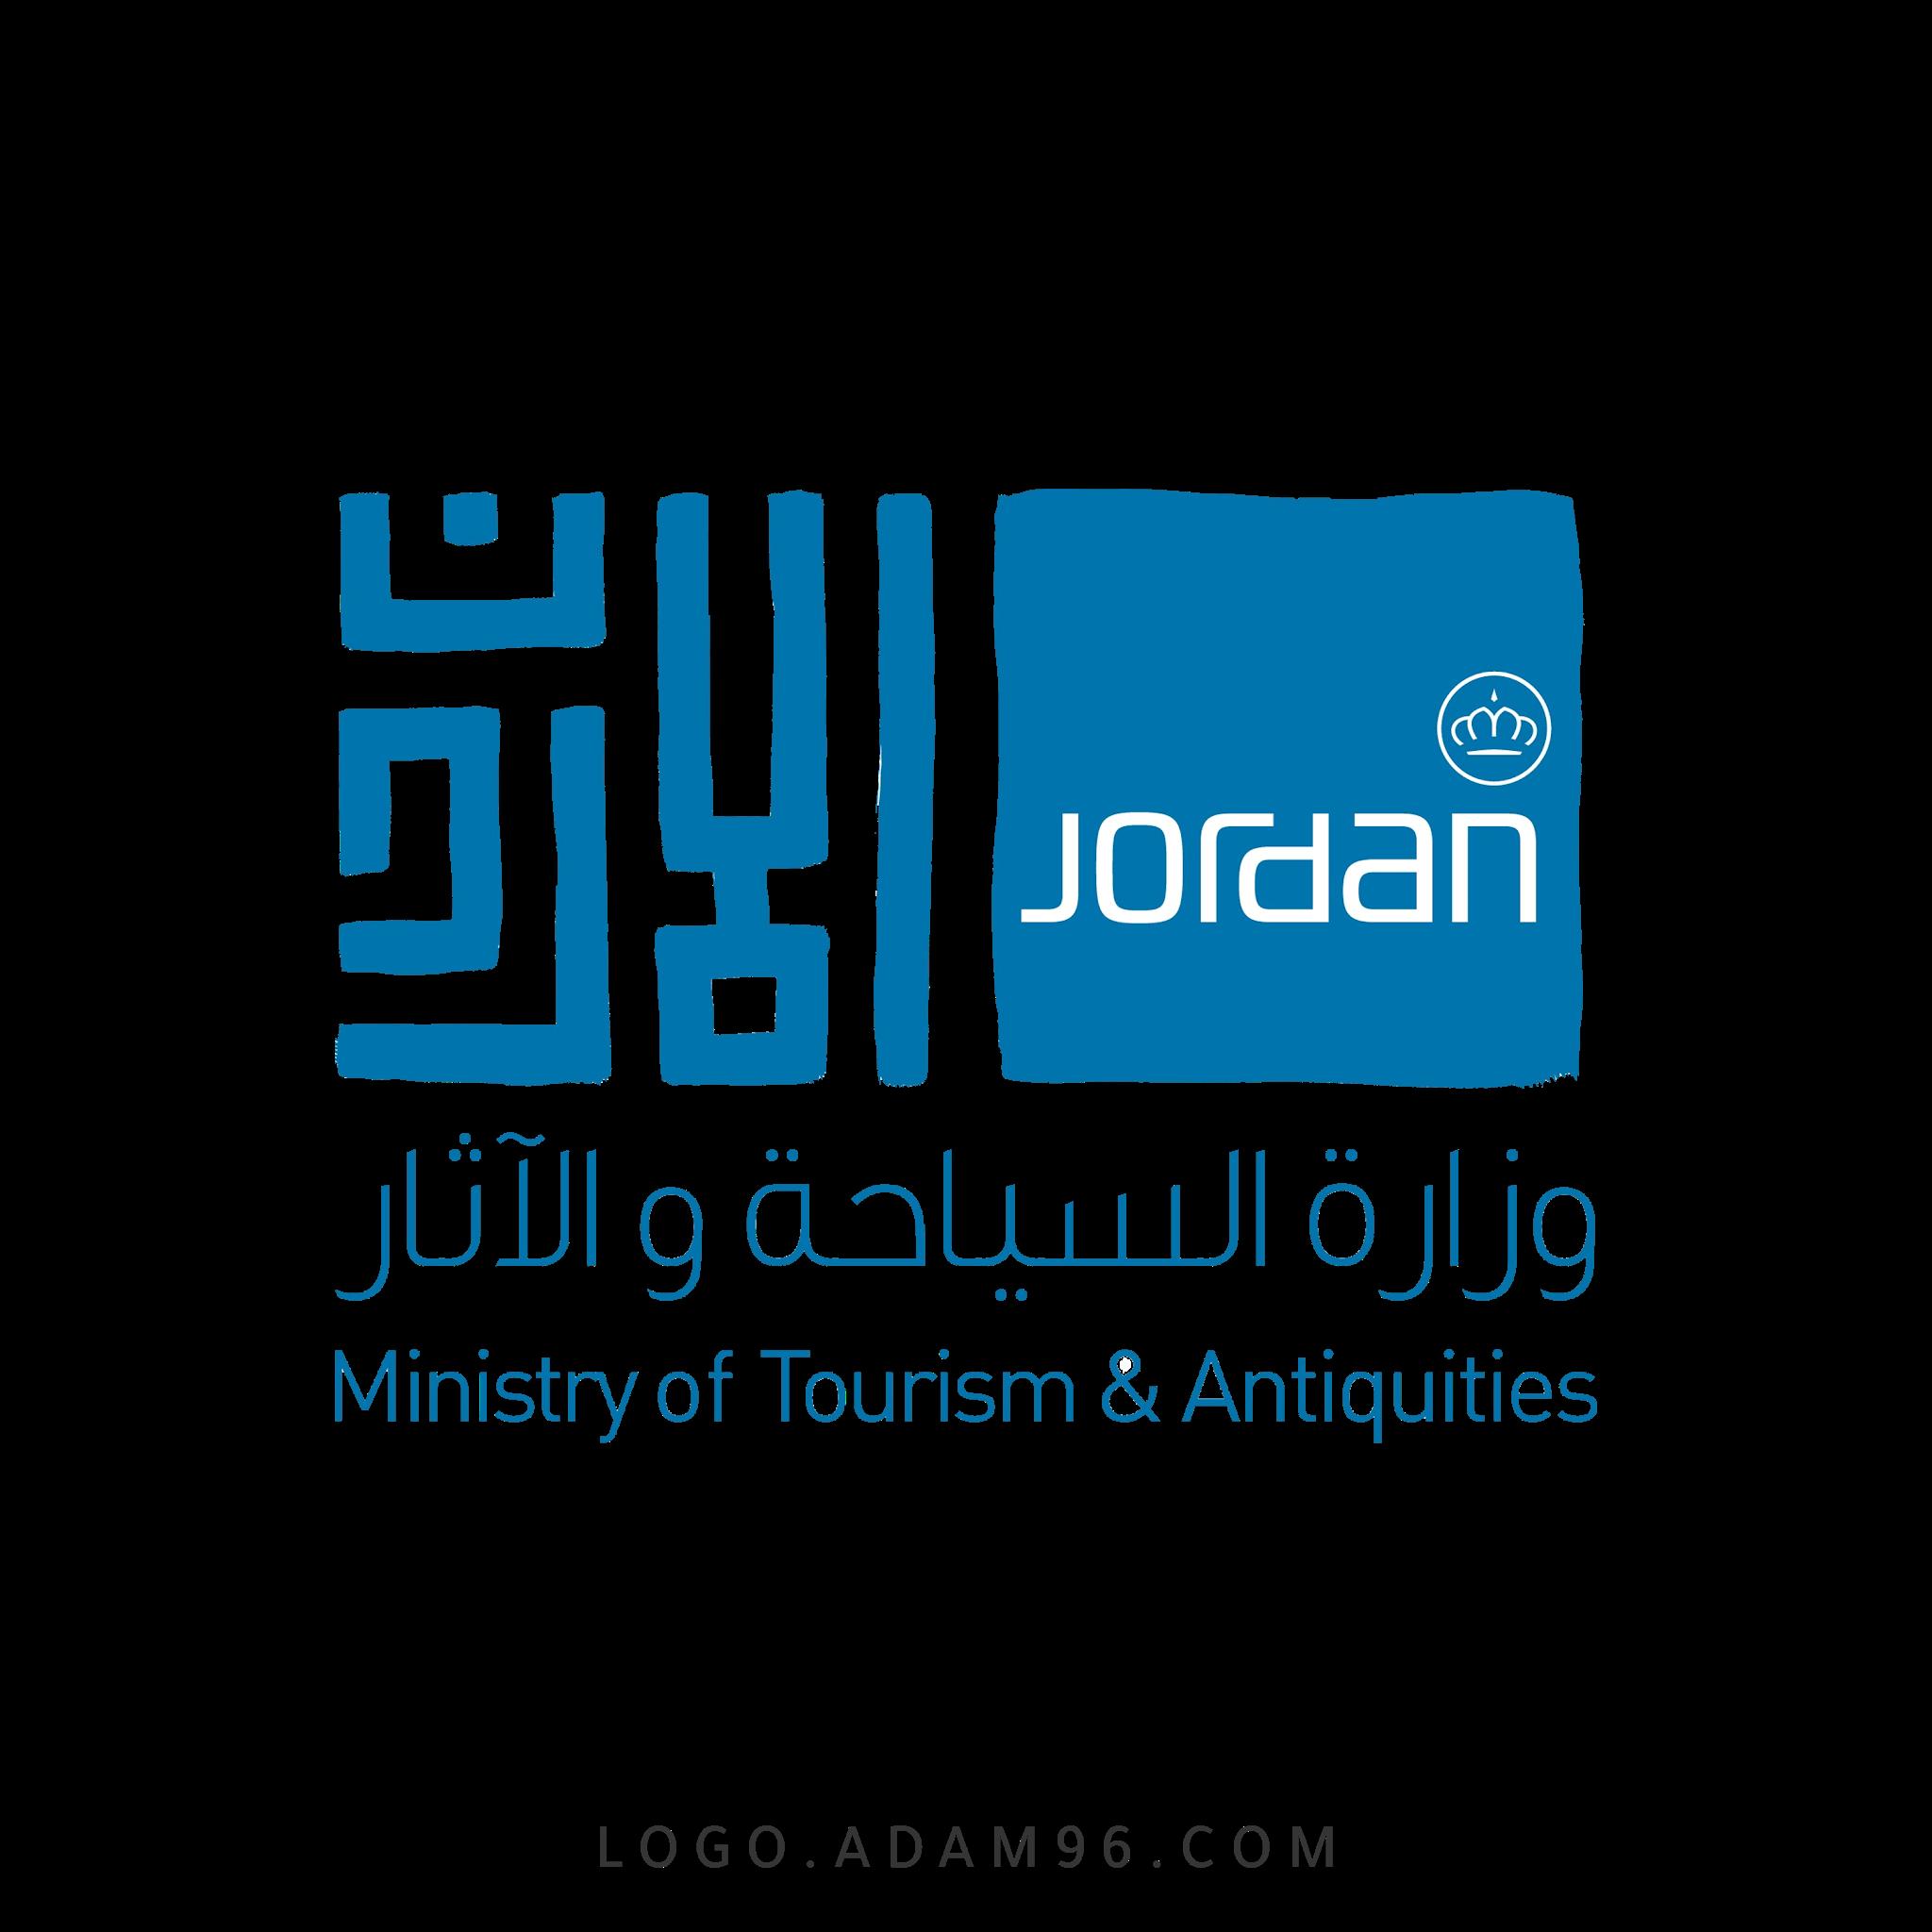 تحميل شعار وزارة السياحة والاثار الاردن الرسمي عالي الجودة - شعارات الاردن